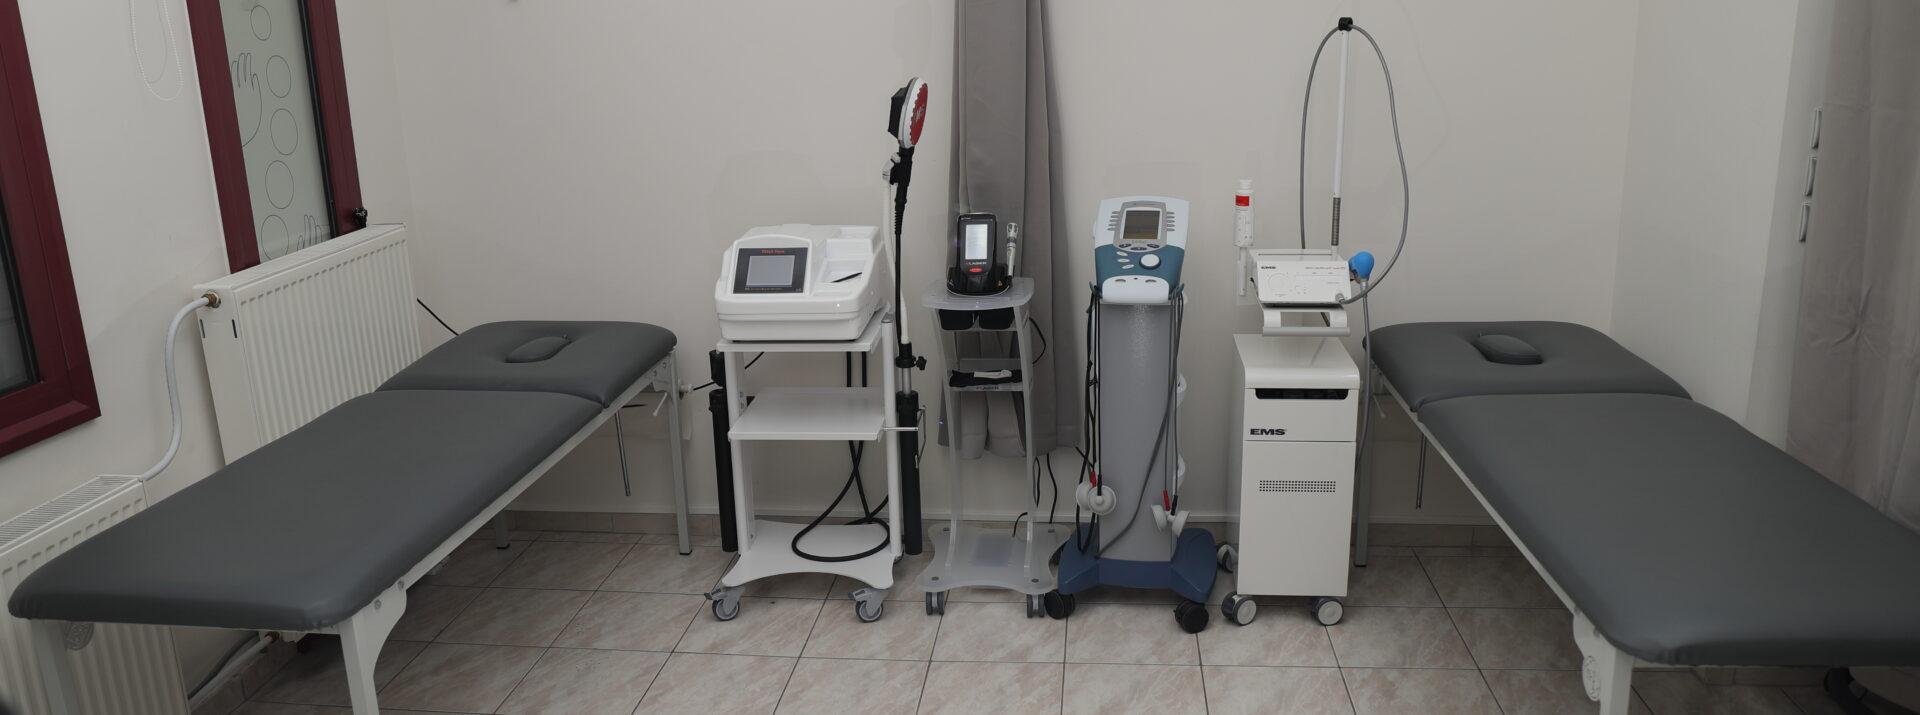 Σύγχρονα μηχανήματα που δεν προκαλούν πόνο